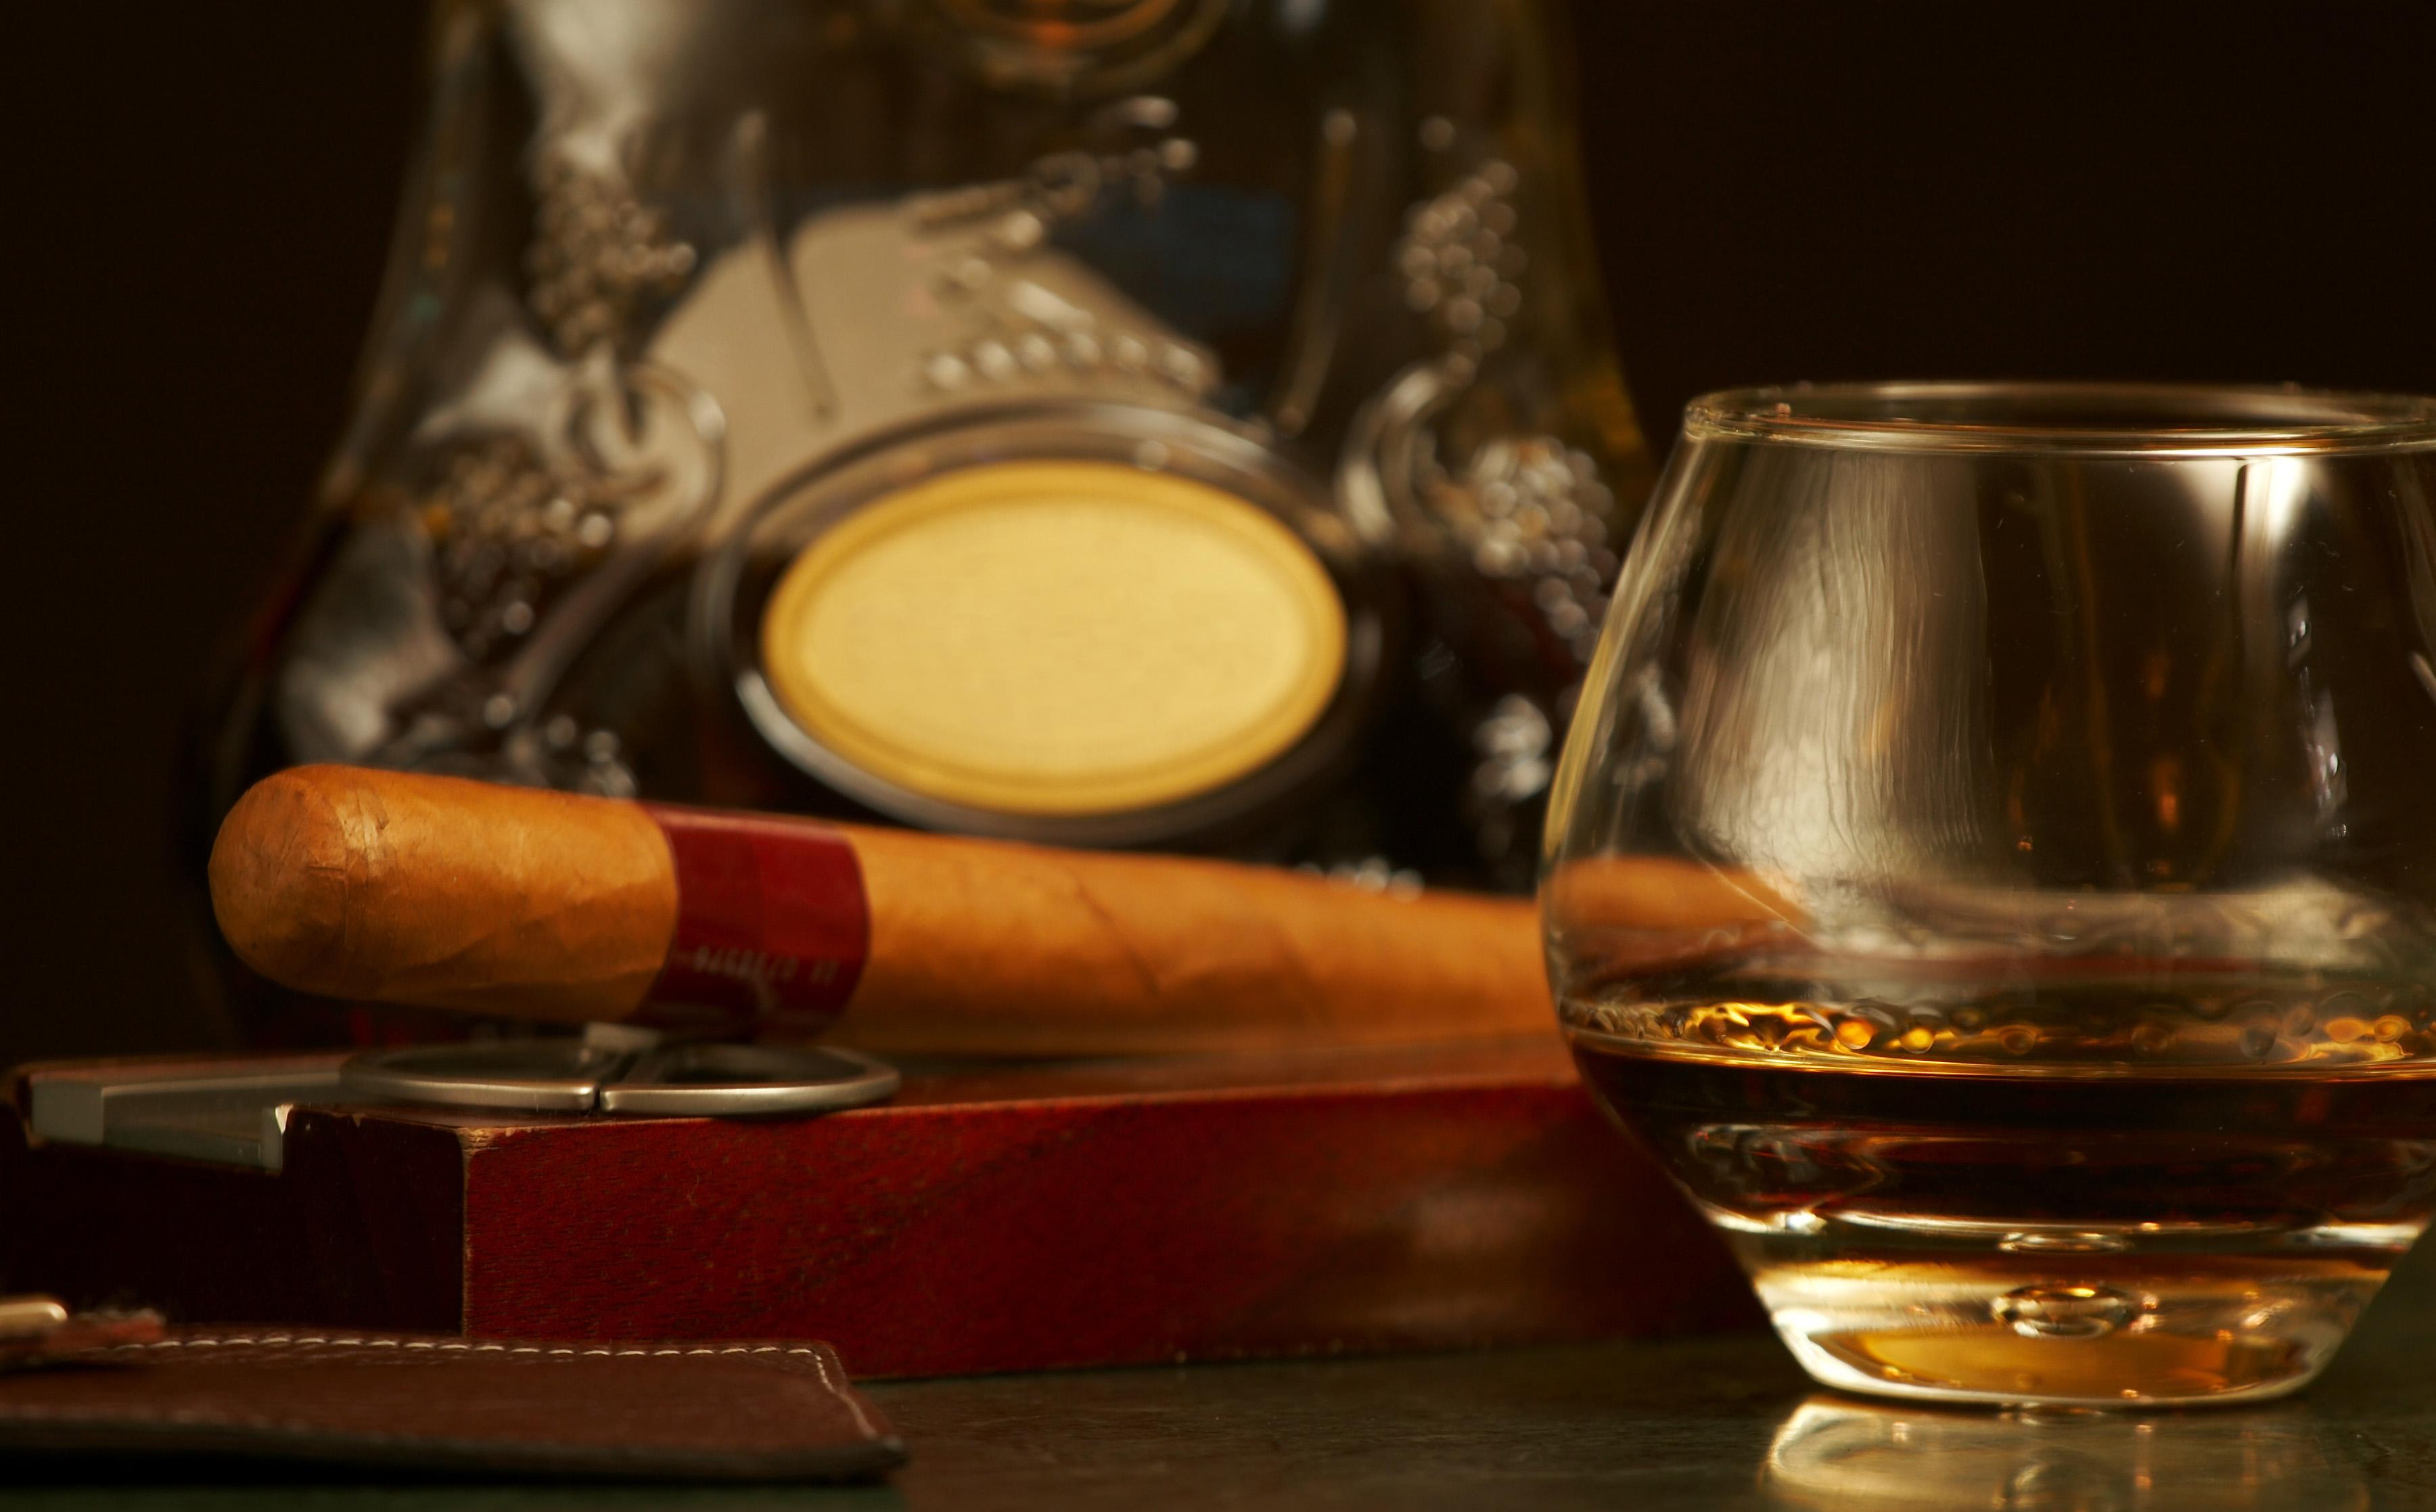 Виски в домашних условиях – как его делают Лучшие рецепты виски из самогона, секреты, технология и рекомендации